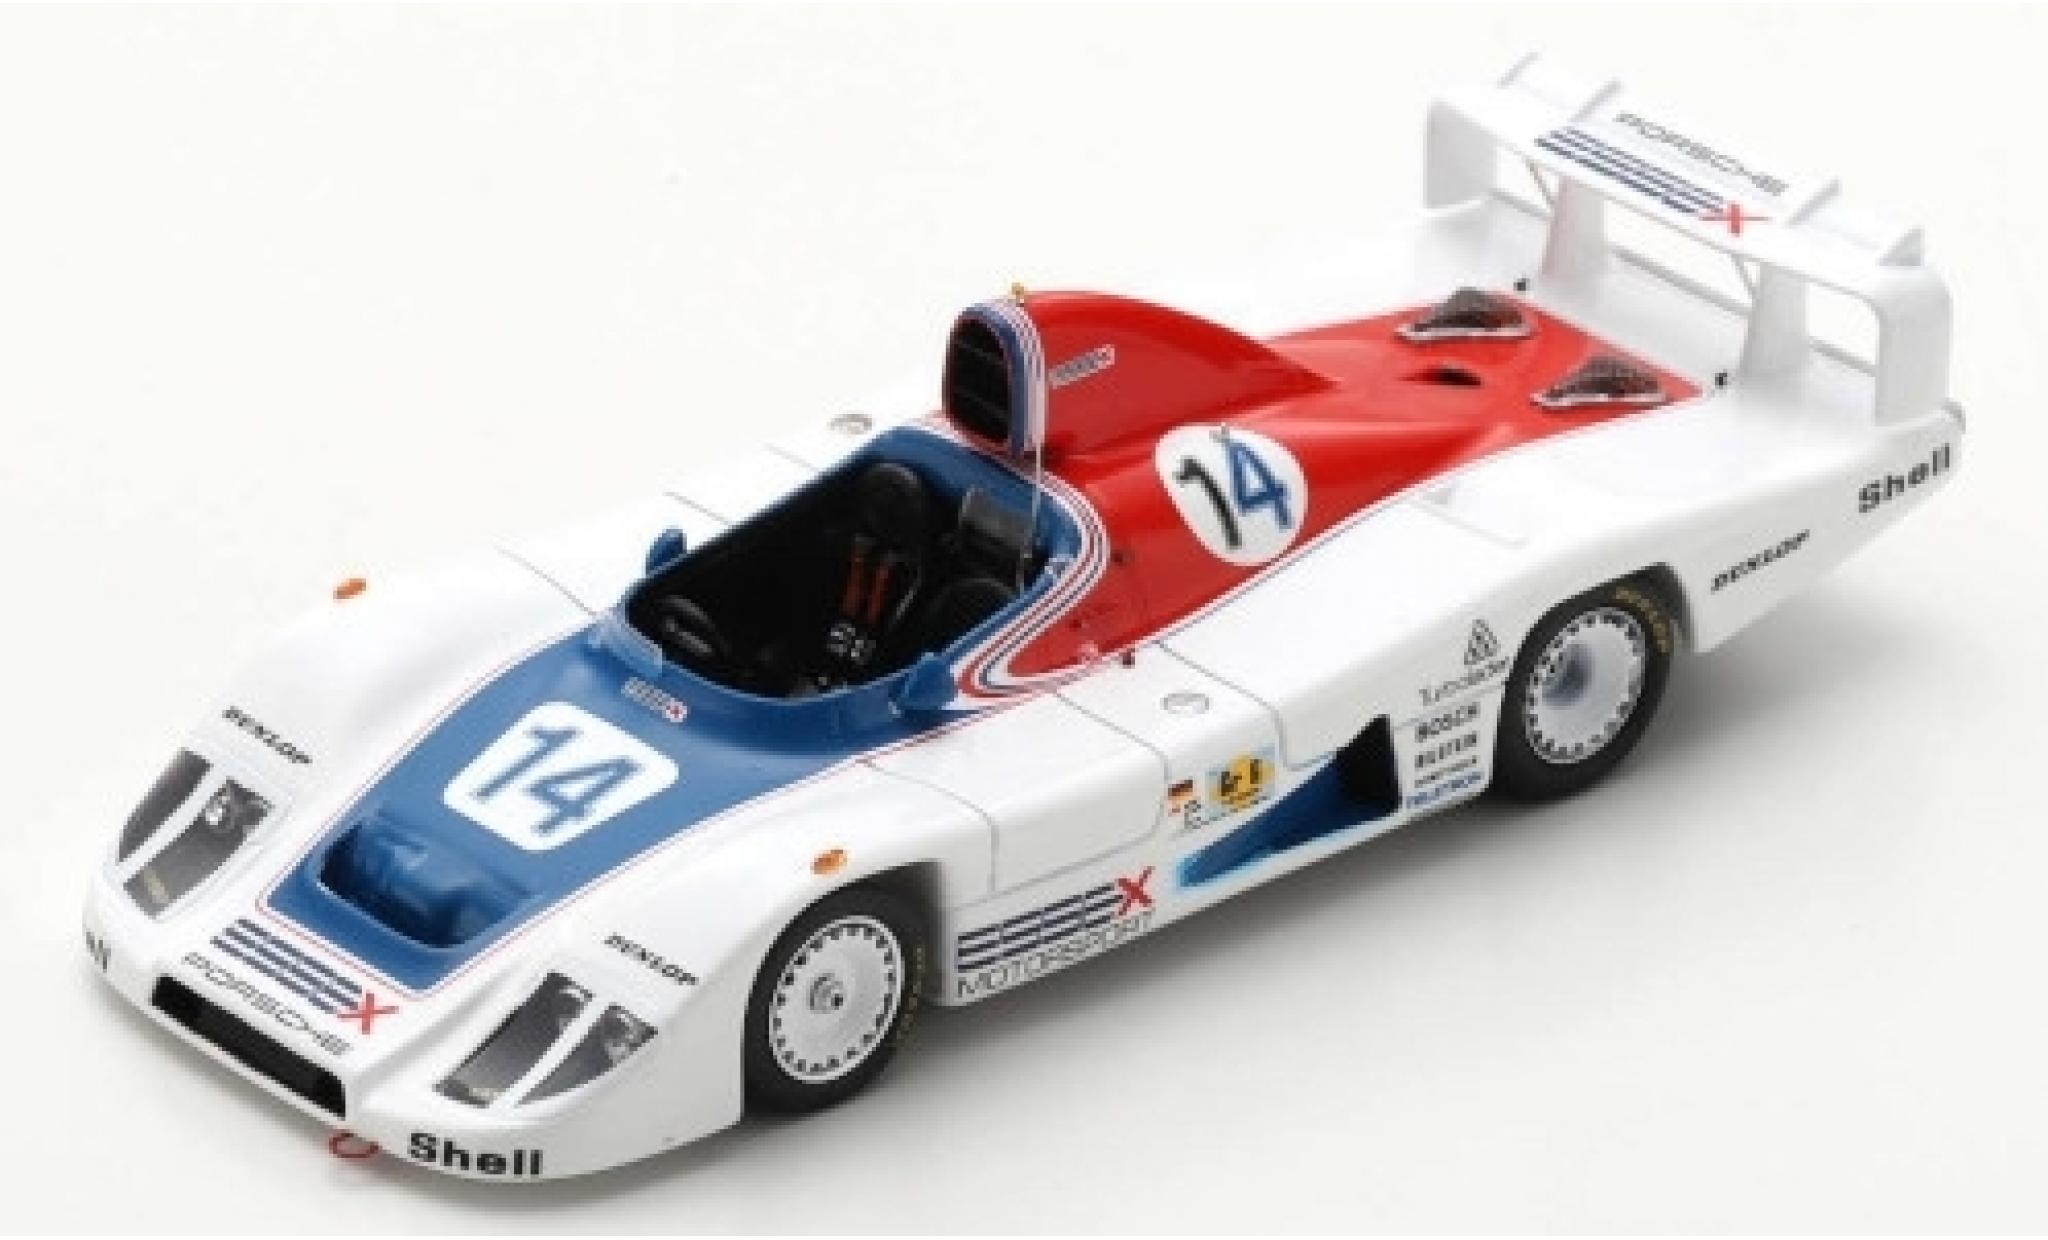 Porsche 936 1979 1/43 Spark RHD No.14 Essex Motorsport 24h Le Mans B.Wollek/H.Haywood